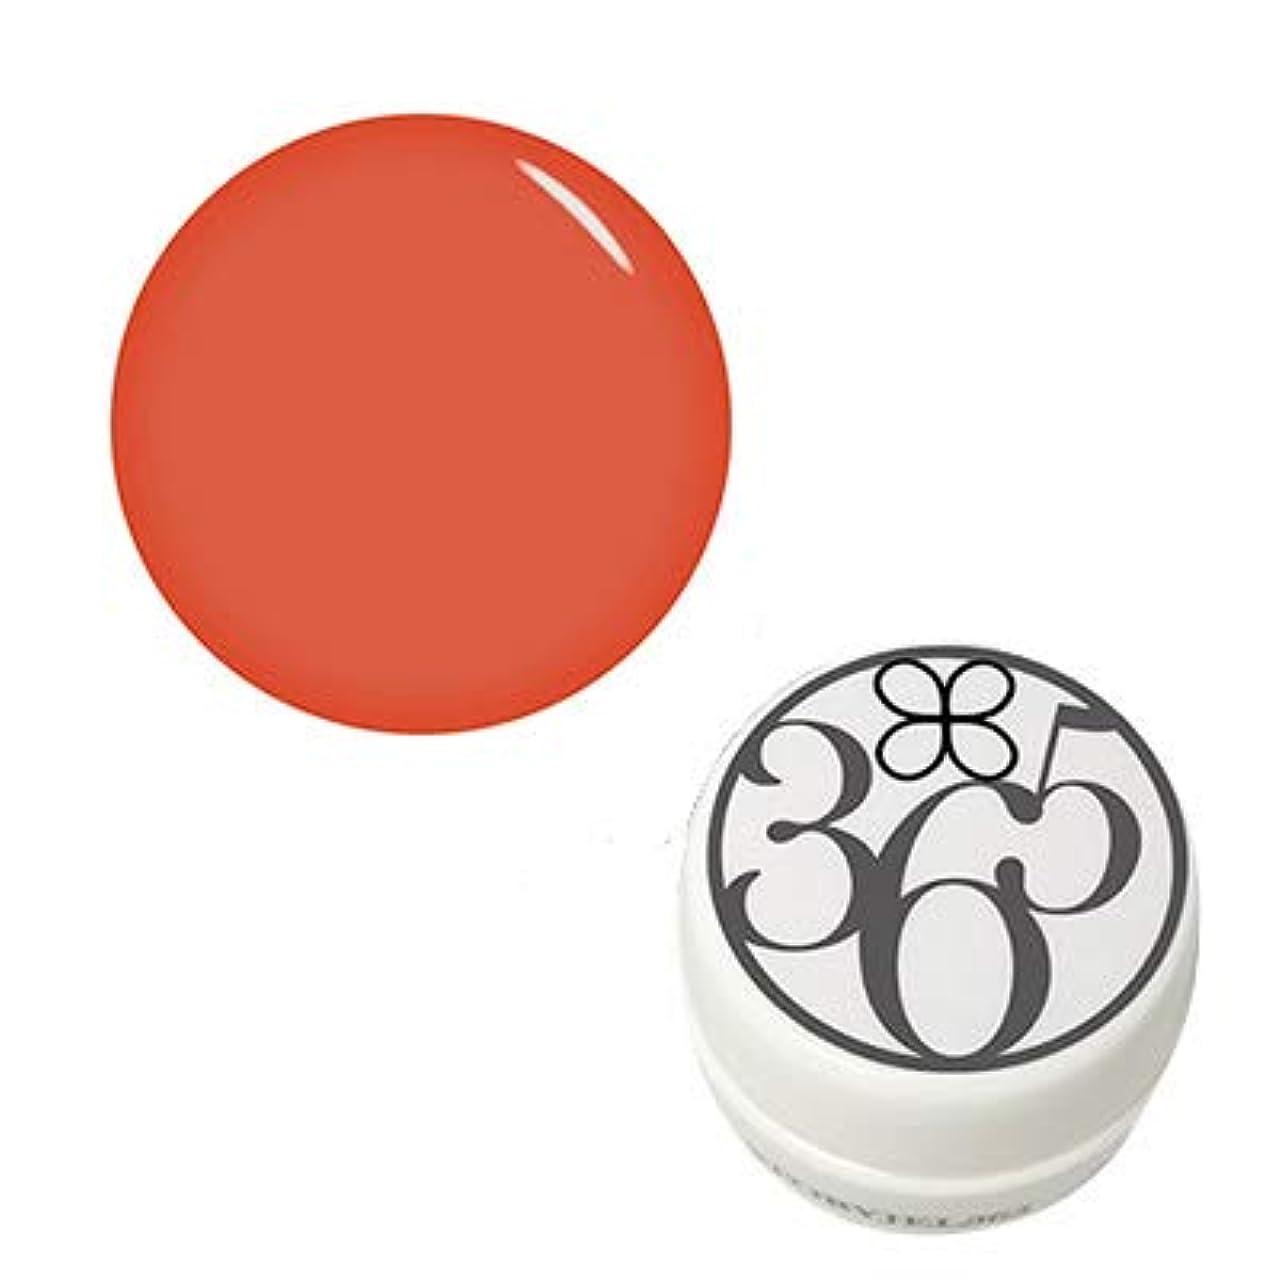 部屋を掃除する鎮痛剤不毛STORY JEL365 カラージェル SJS-190M 大地のオレンジ